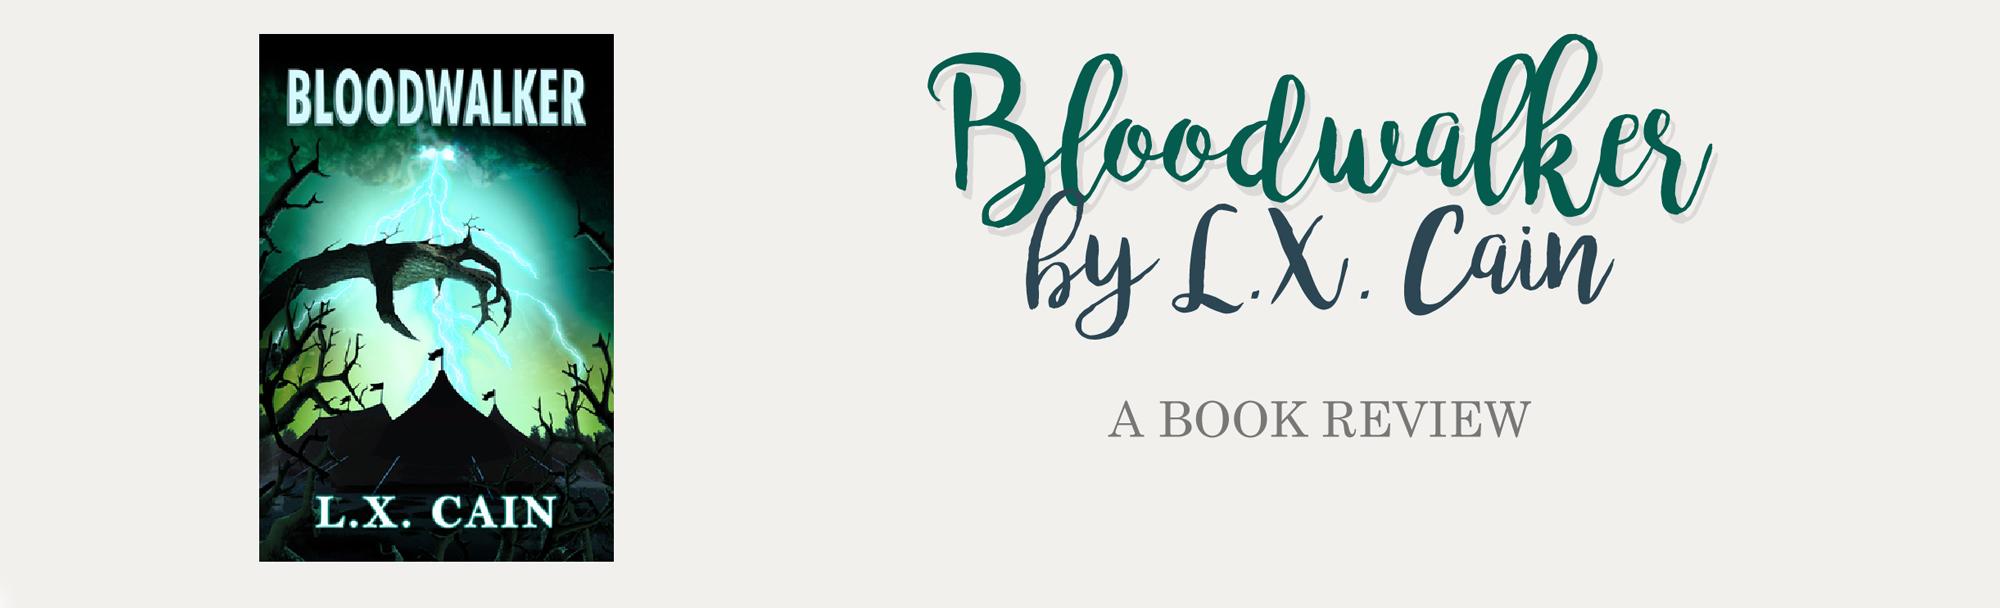 review_bloodwalker.jpg